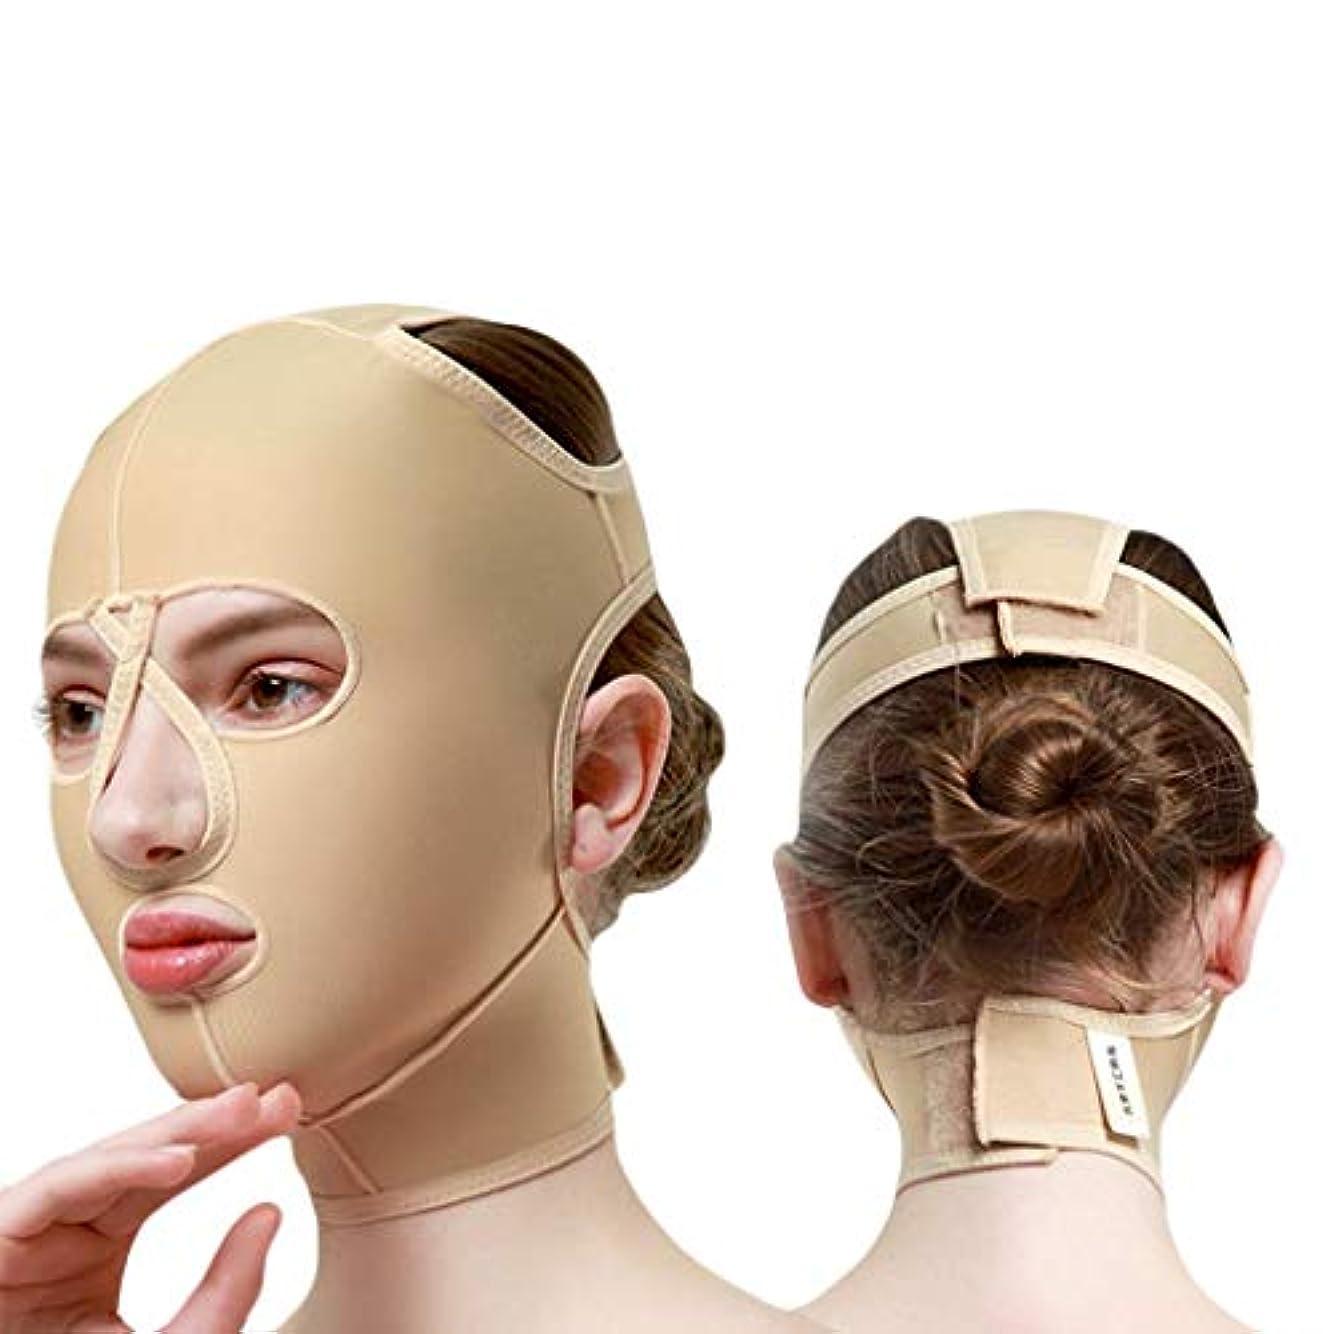 定説トレイ破壊チンストラップ、顔彫りツール、リフティングマスク、ダブルチンリデューサー、フェイスリフティングエラスティックマスクメス(サイズ:M),XL